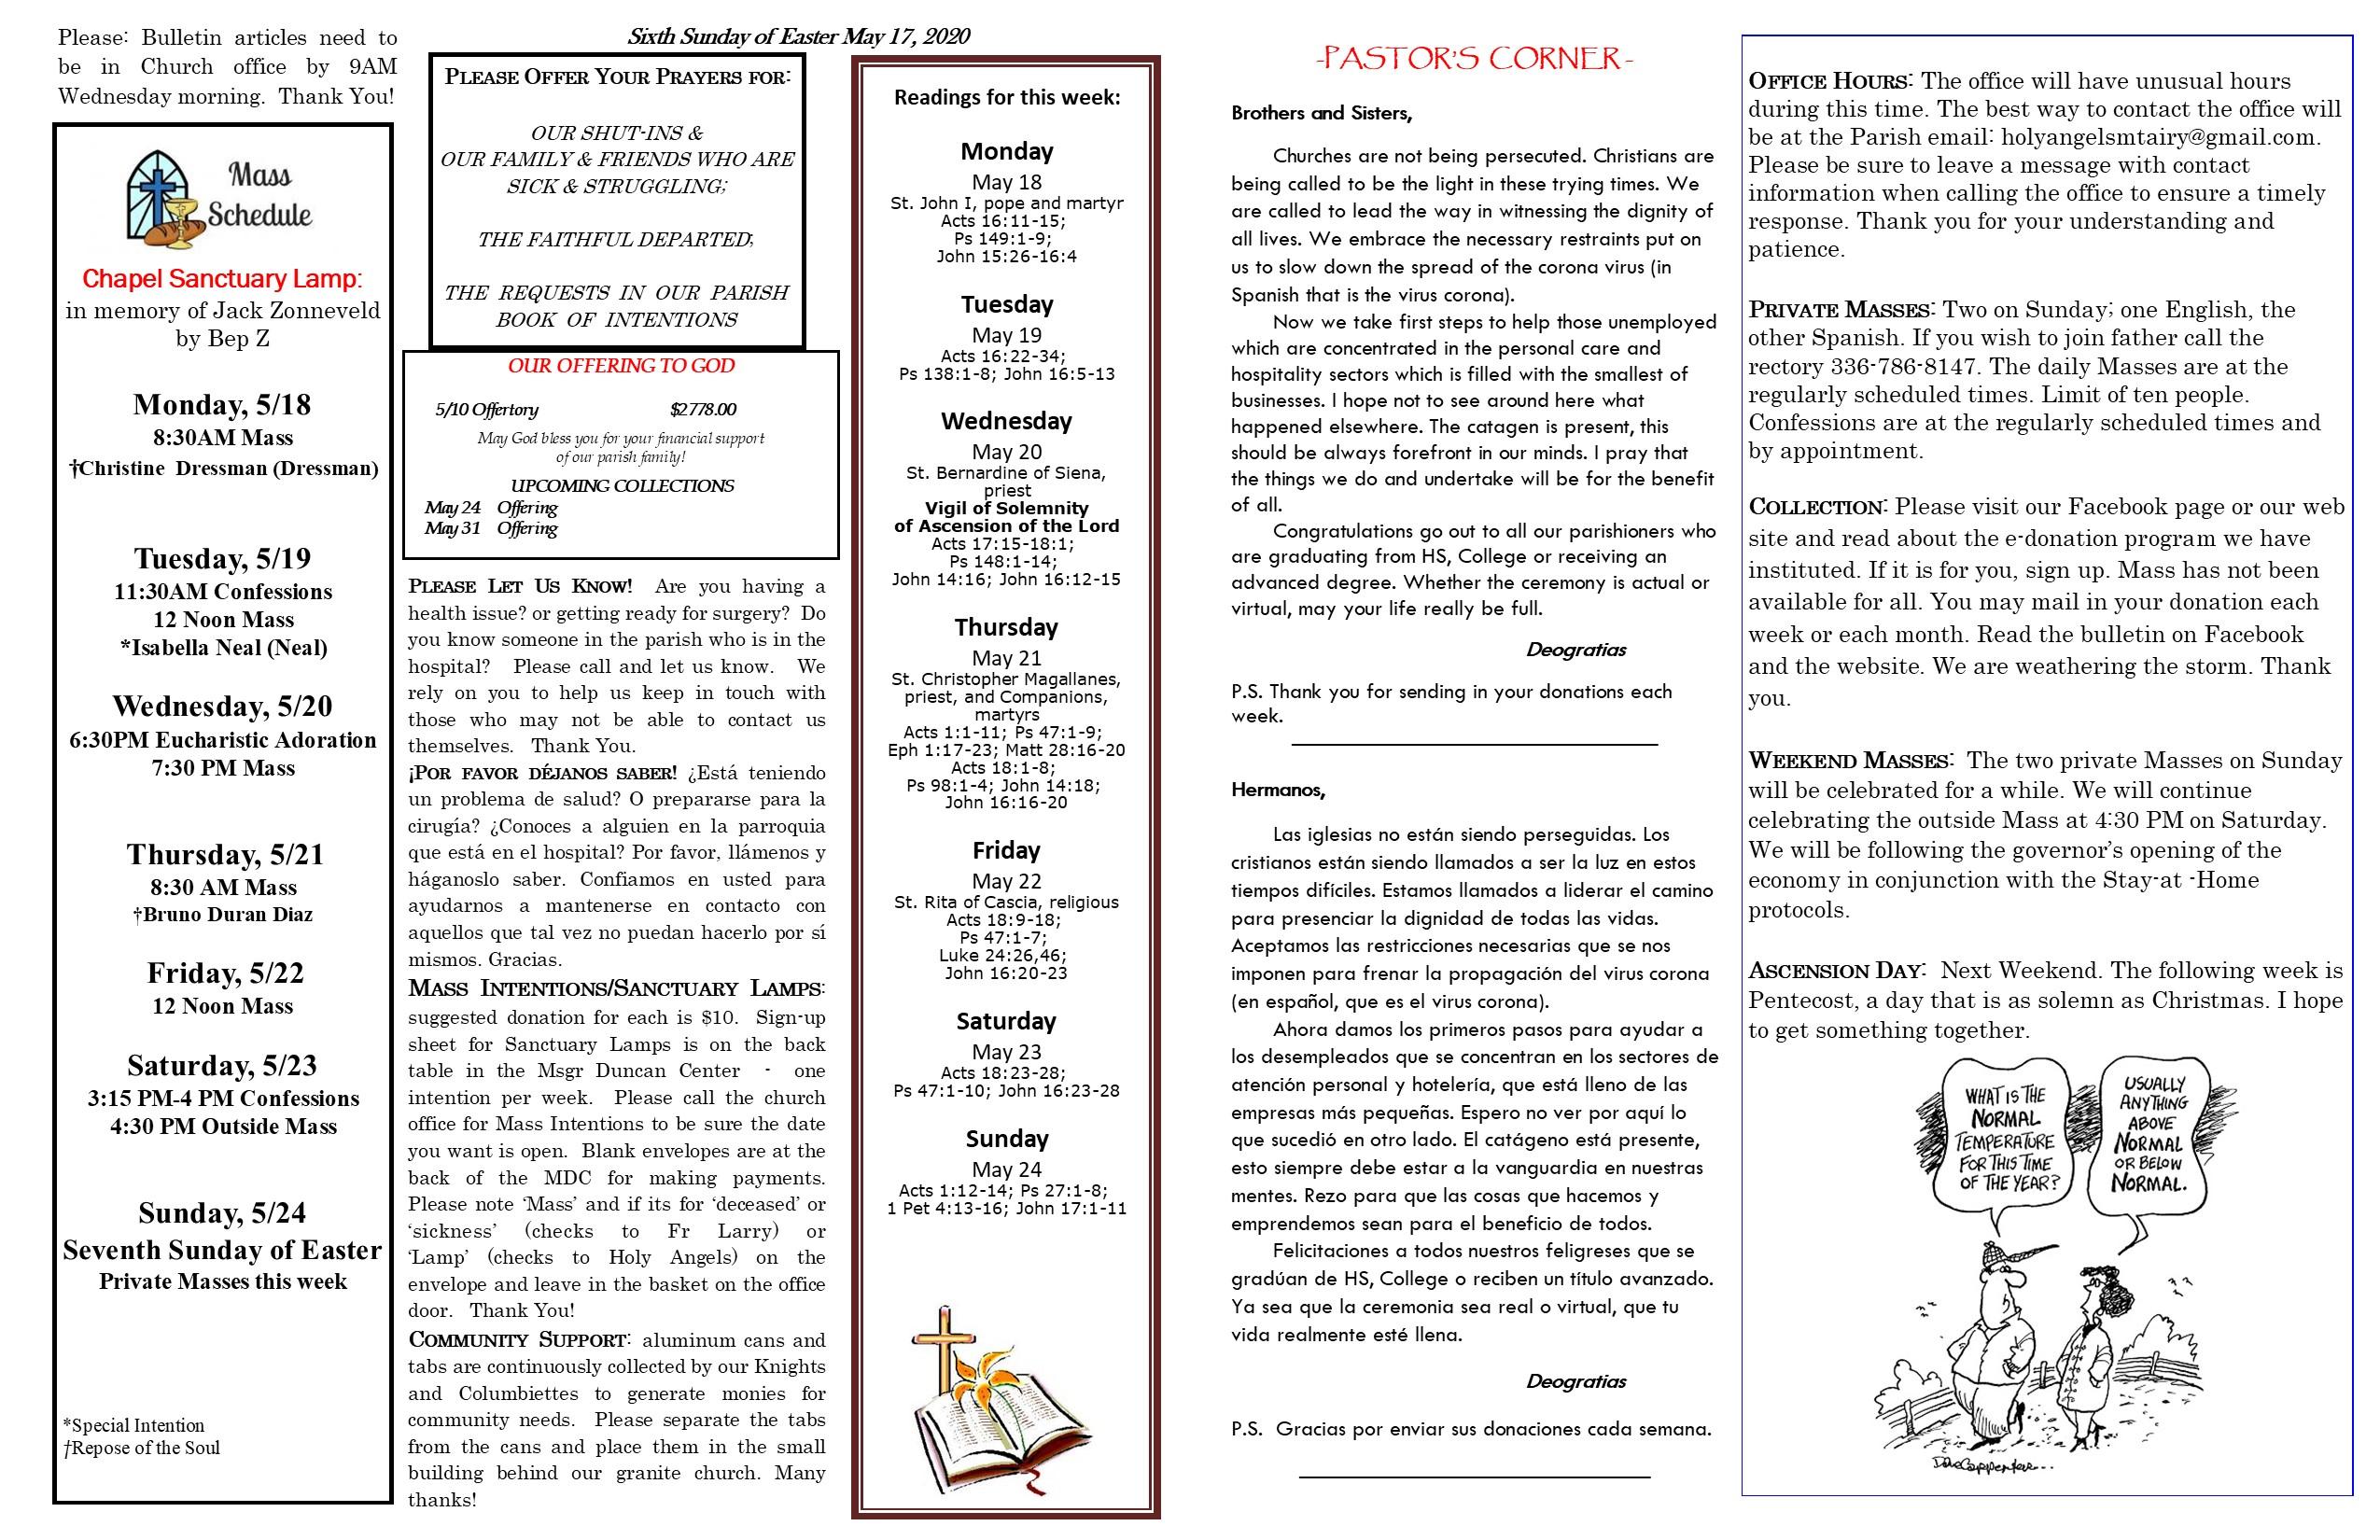 May 17 2020 page 2.jpg